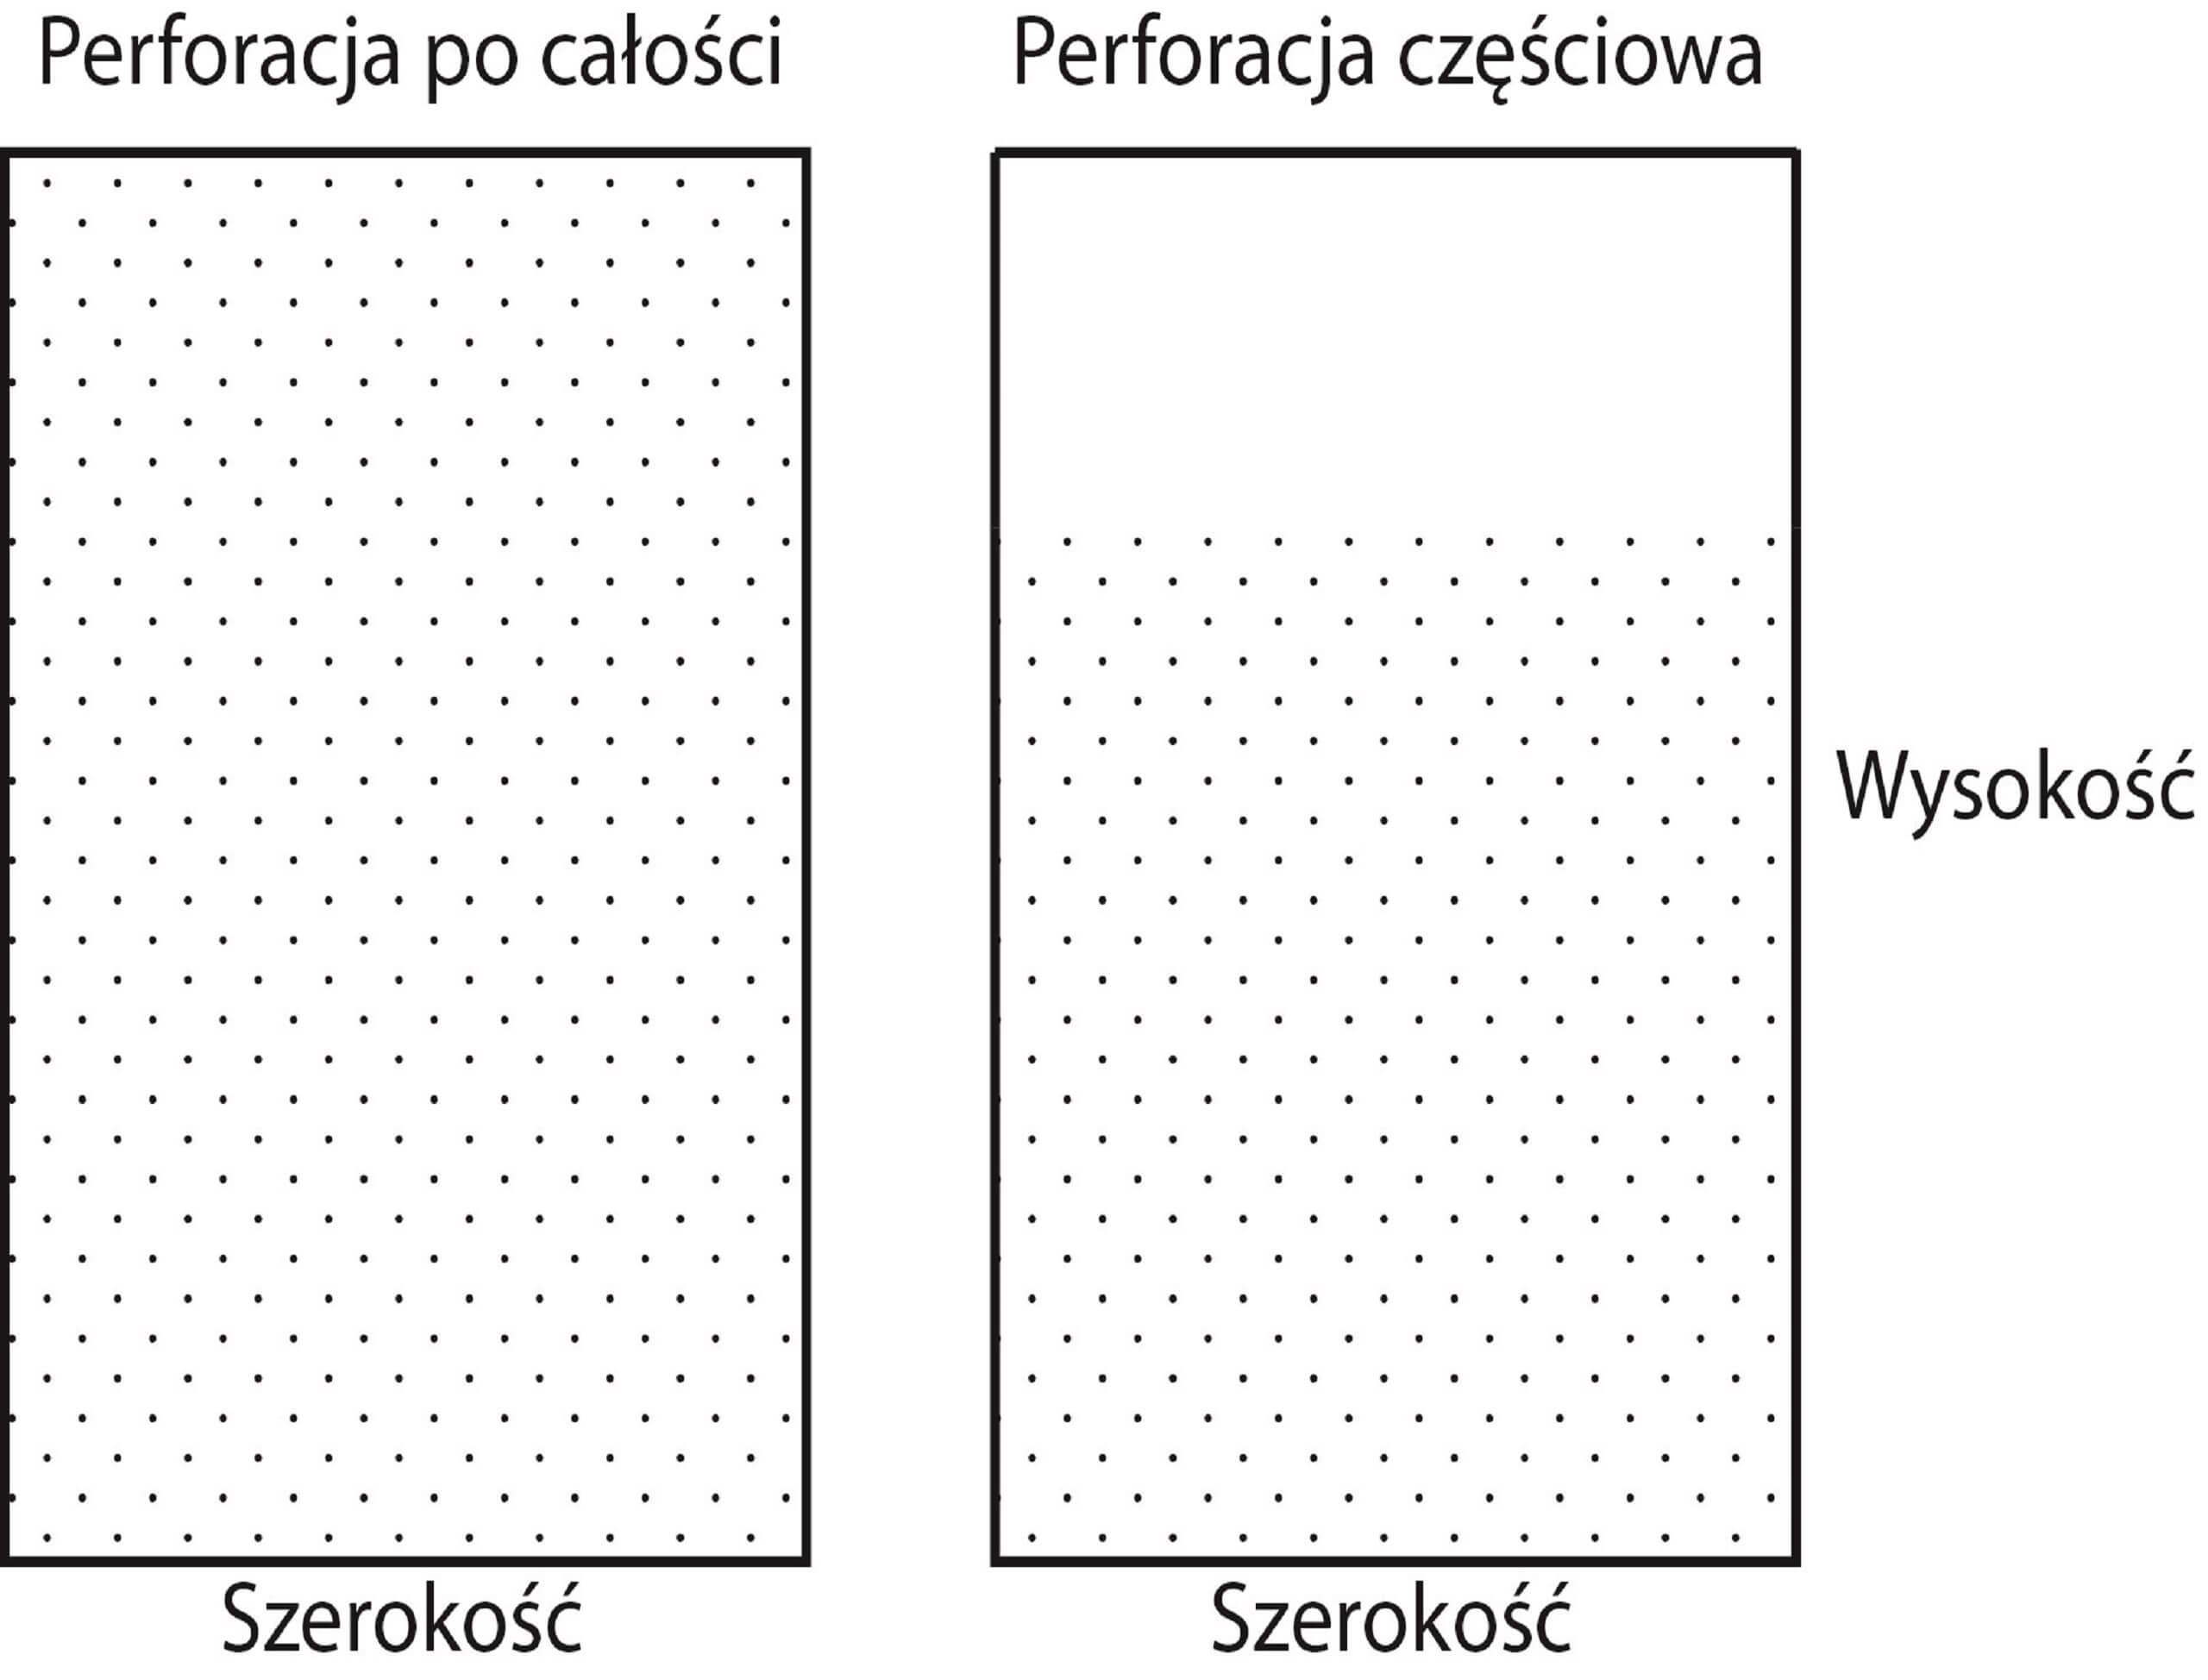 Opkowanie z perforacją 1 f63f1152 0806 084201 1